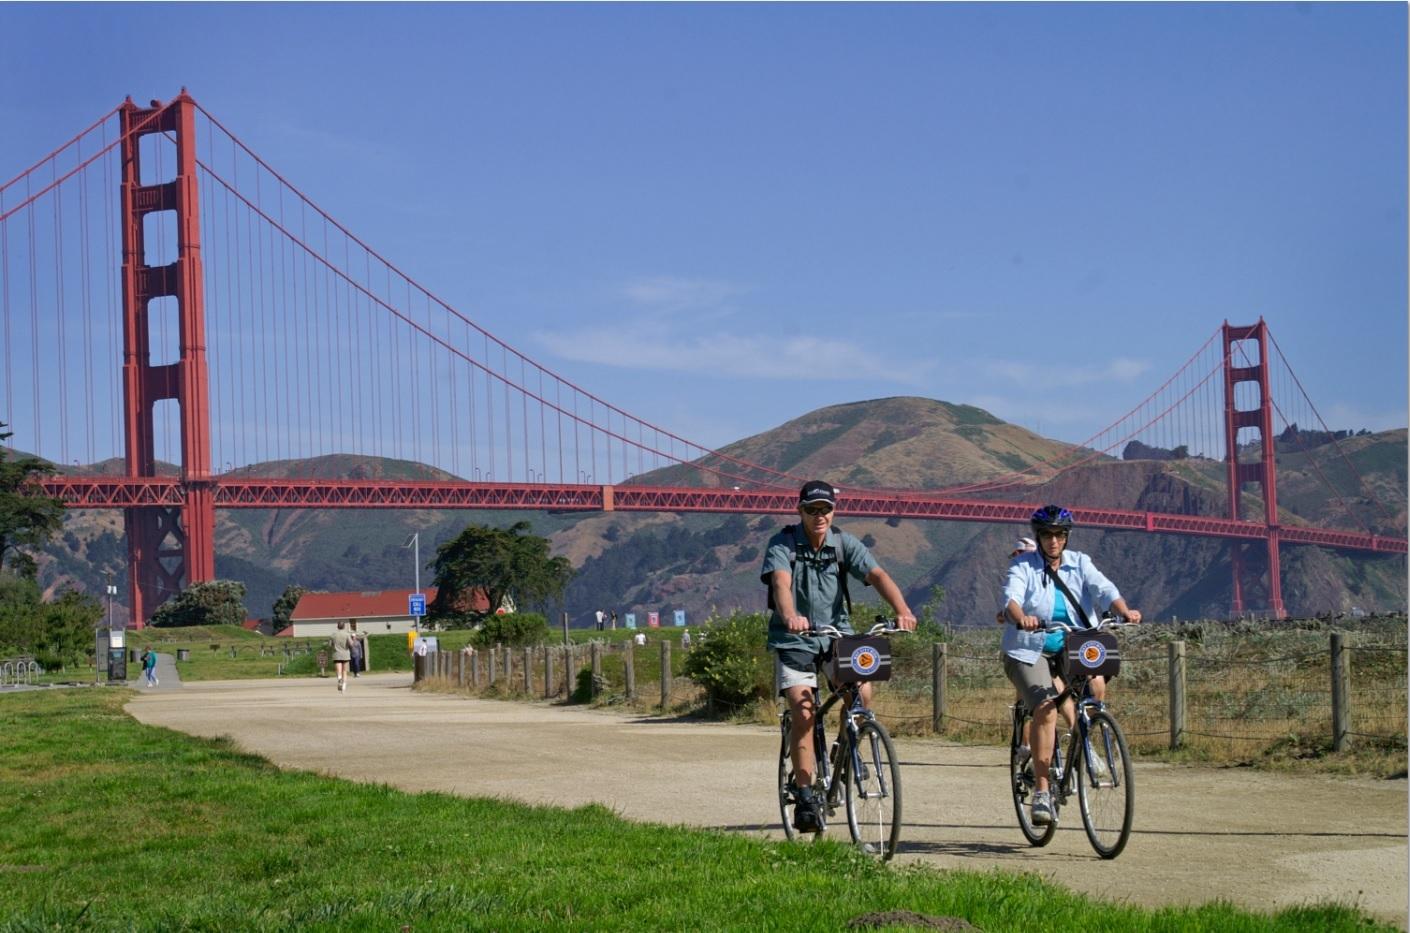 ゴールデンゲートブリッジを渡ってサウサリートまで行く自転車ツアー